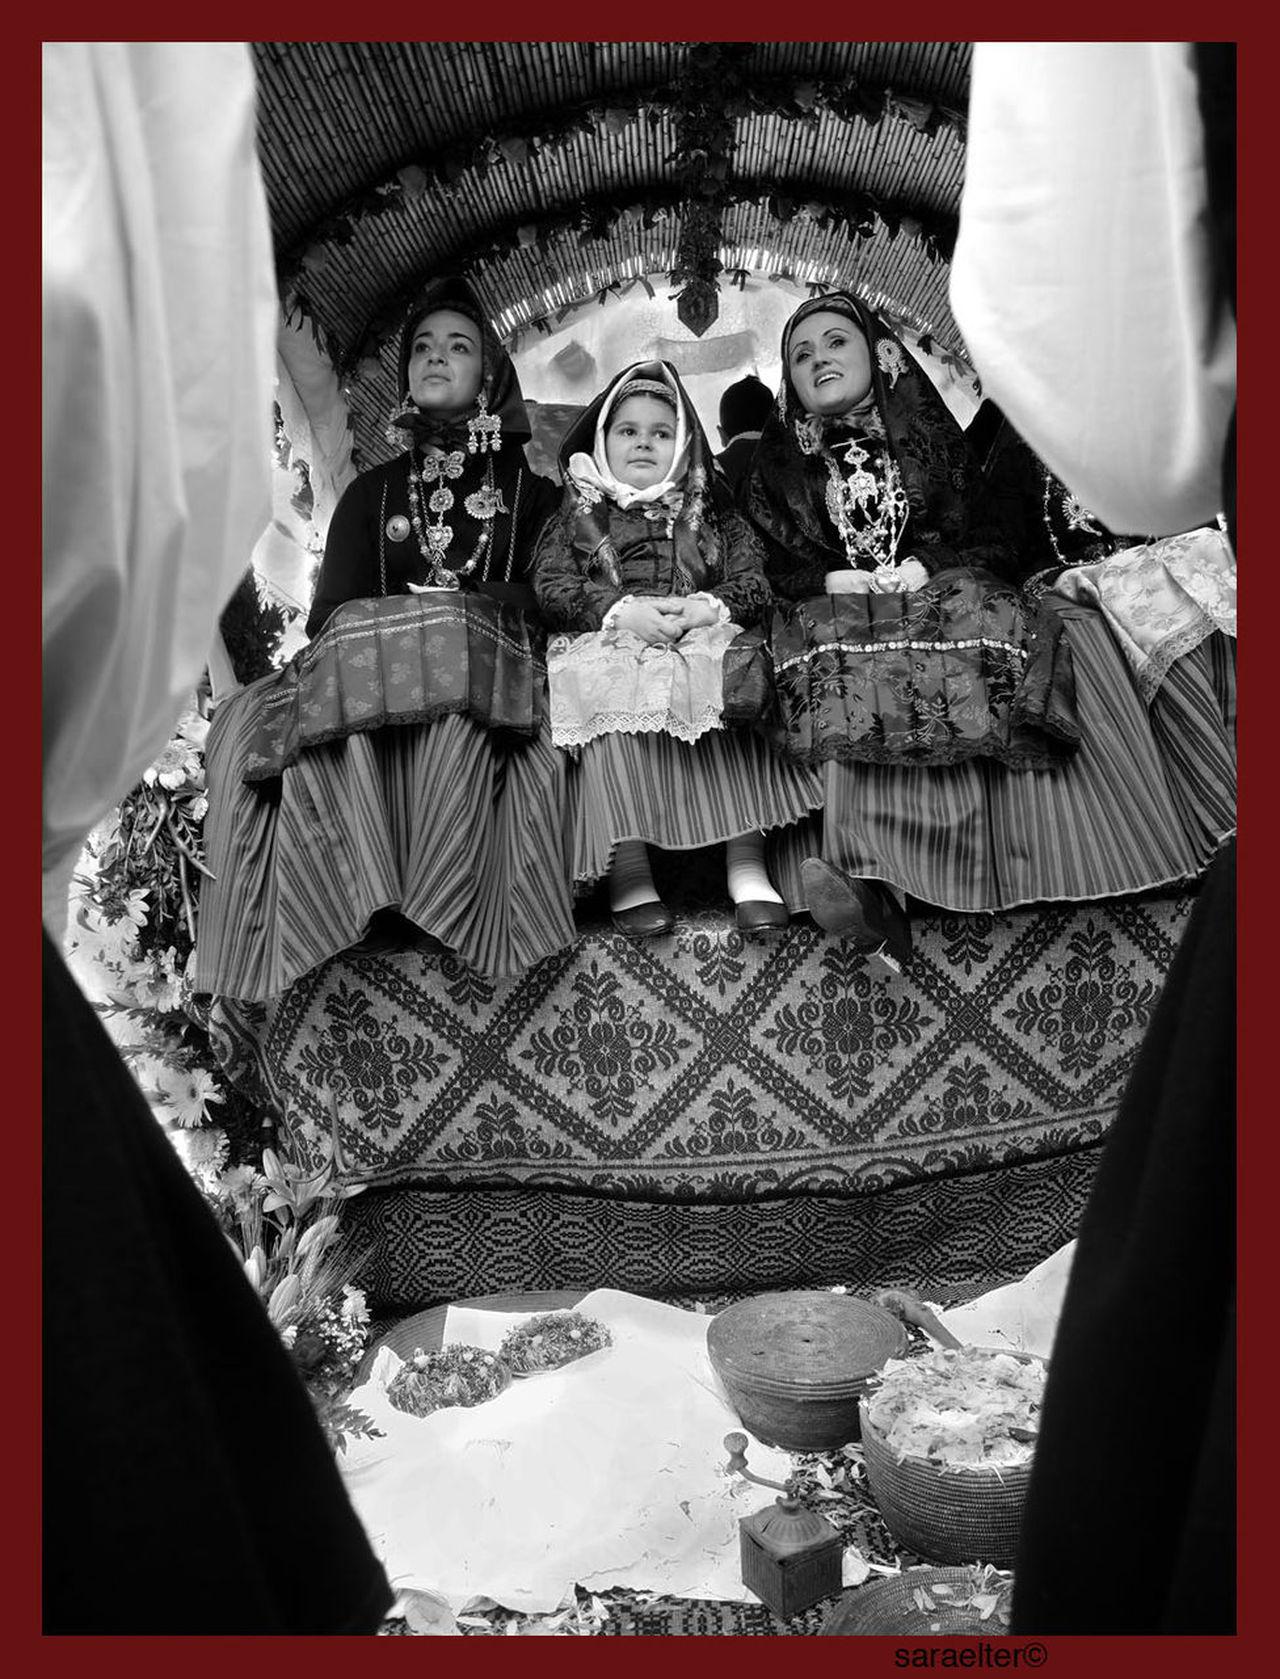 Sardinia, Sant'Efisio, saint patron of Cagliari In May, in Cagliari, the procession of martyr Saint'Efisio, to which take part for thousands of years folkloristic groups coming from all the villages of the region, all wearing their traditional dress, start from the cathedral . Women sings praises, men take care of horses and wagons pulled by oxen for four days, when the statue, after being blessed in the sea, returns to his church in the middle of the city 1 May Departure parade early in the morning Sardegna, festa di Sant'Efisio, patrono di Cagliari A maggio a Cagliari parte la processione di Sant'Efisio martire, cui partecipano da millenni tutti i gruppi folcloristici e tutti i paesi della regione, ognuno con i propri costumi tradizionali. Le donne cantano lodi, gli uomini si occupano dei cavalli e dei carri tirati dai buoi per quattro giorni, quando la statua, dopo essere stata benedetta in mare, torna nella chiesa al santo intitolata. Sfilata di partenza, 1 maggio Frutta Sant'Efisio Ceste Costumi Tipici Decorazioni Donne Che Cantano Folk Folk Parade Folkloristic Holy Procession Portrait Prodotti Artigianali Real People Sardegna Cagliari Sardegna Costumi Sardegna Da Scoprire Sardegna Traditional Sardegna Tradizionale Sardinia Singin Women Tradizionale Women Young Women